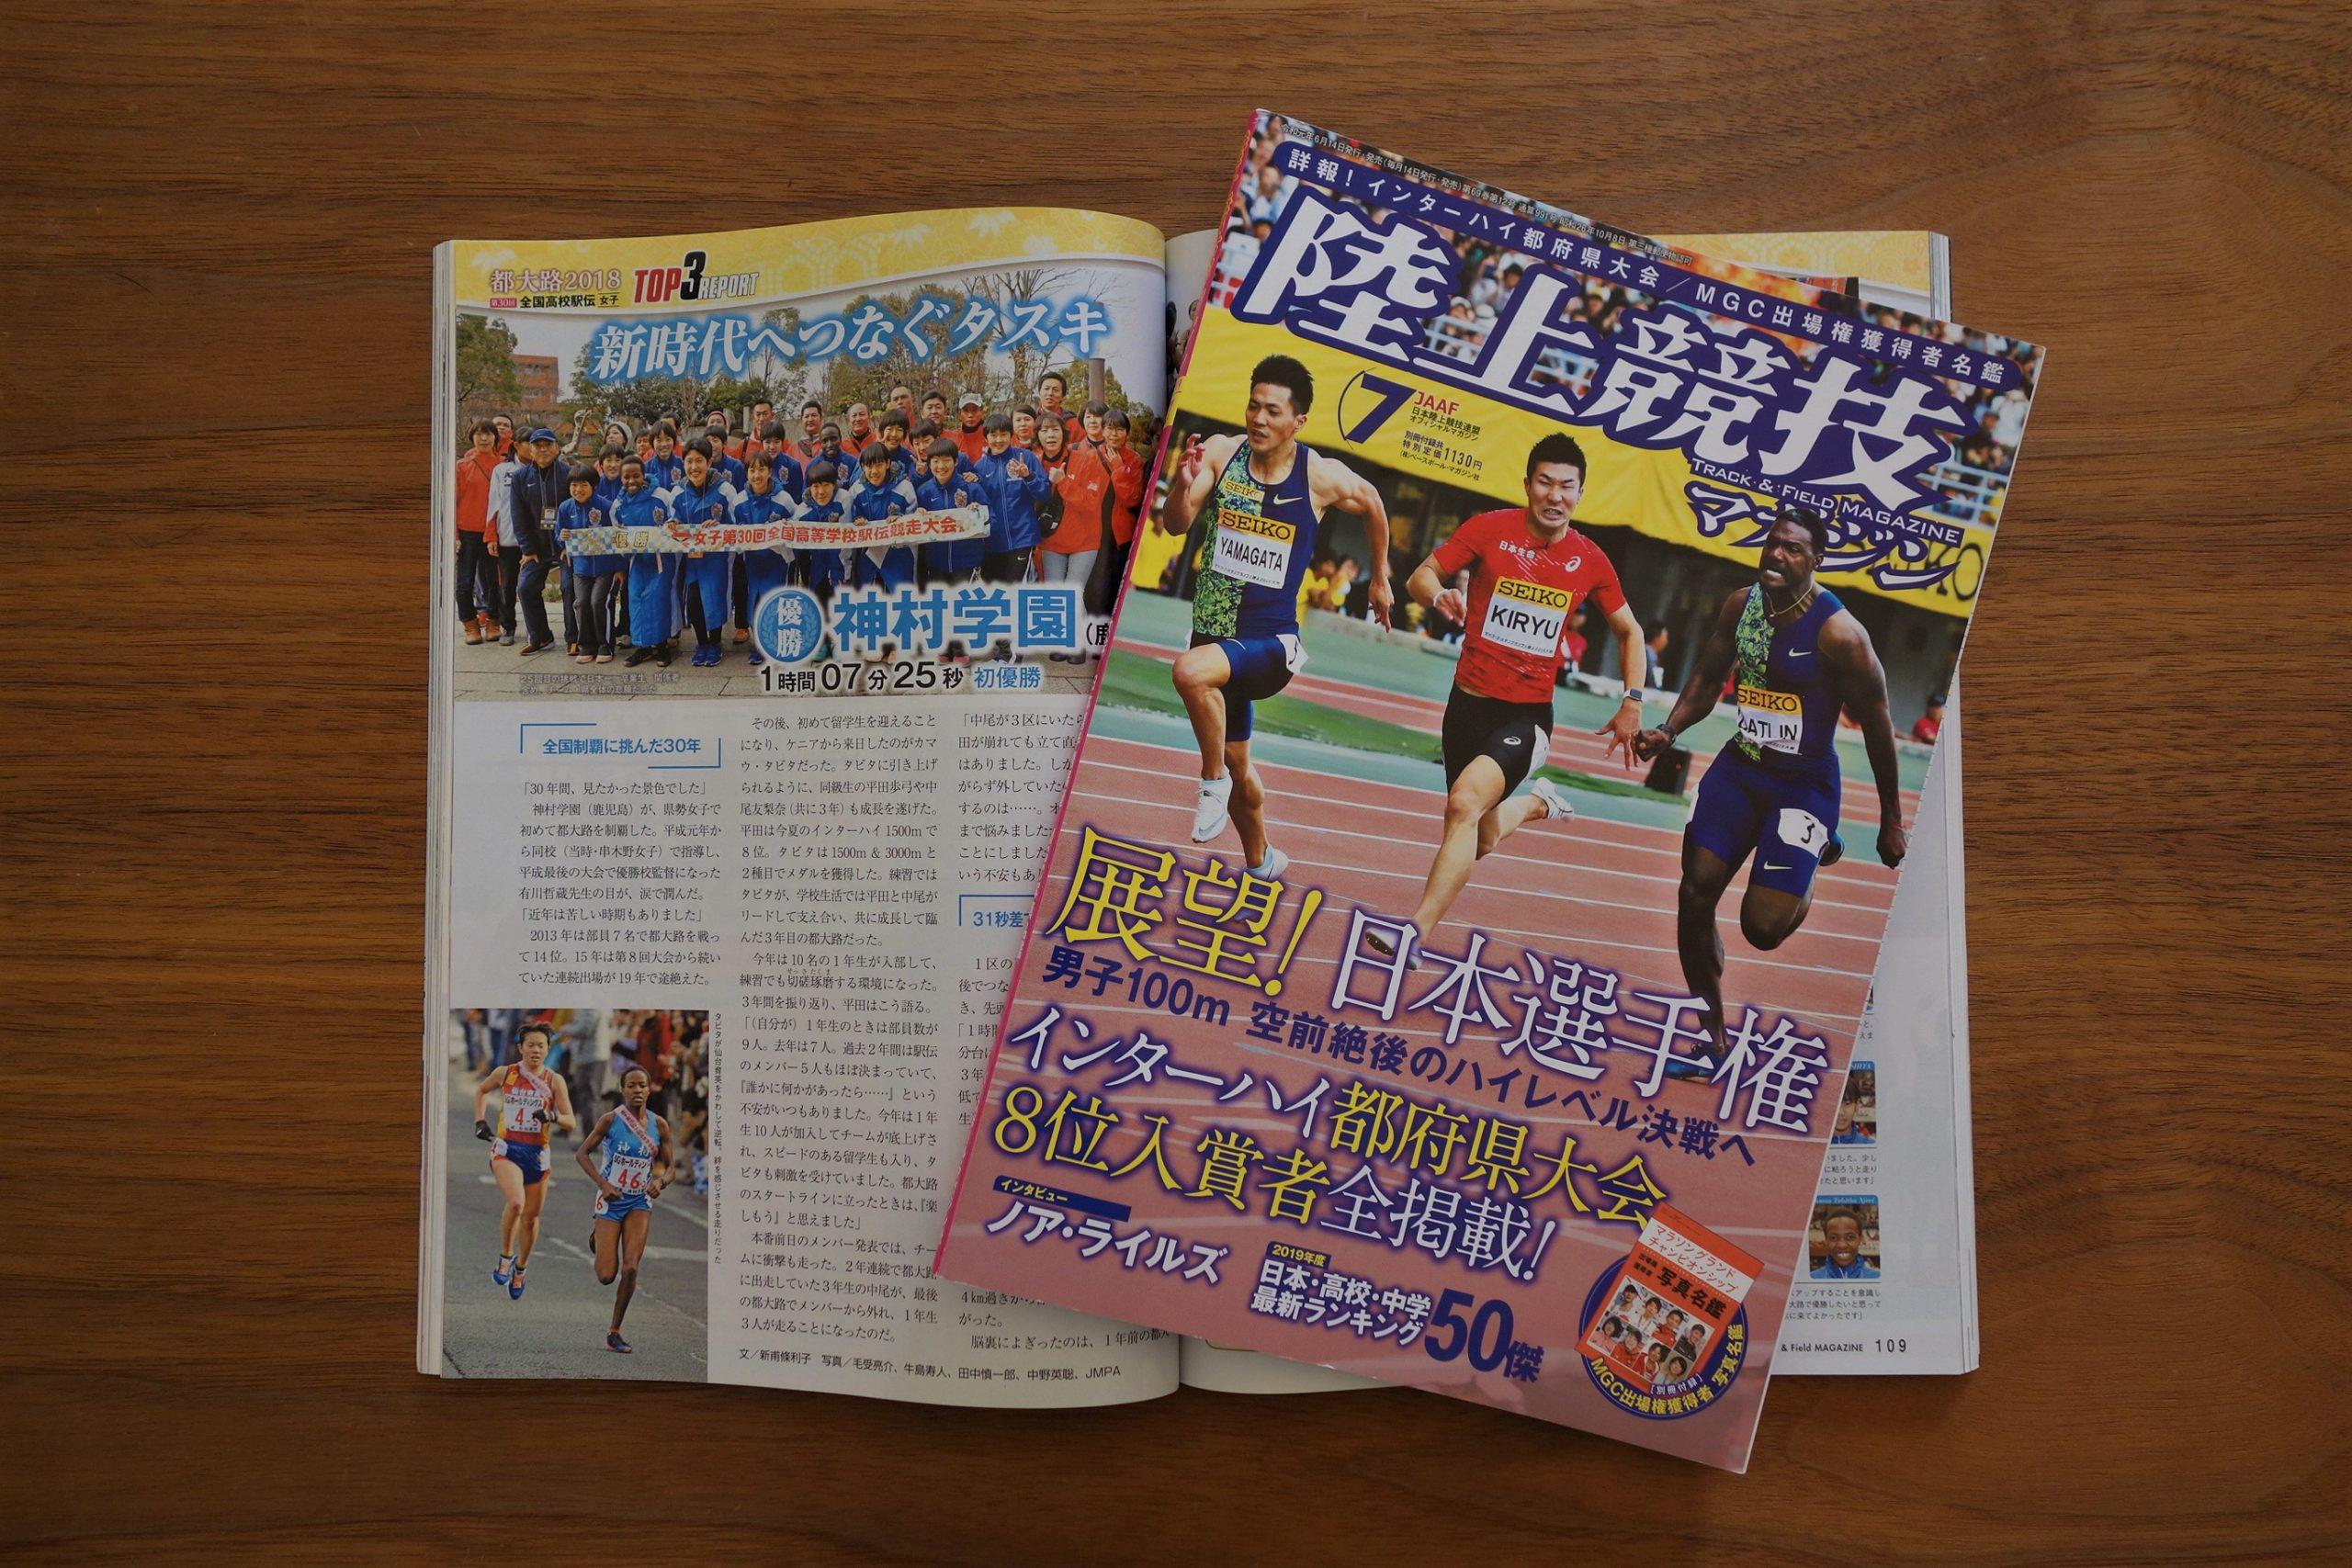 陸上競技マガジン(ベースボール・マガジン社)のサムネイル画像